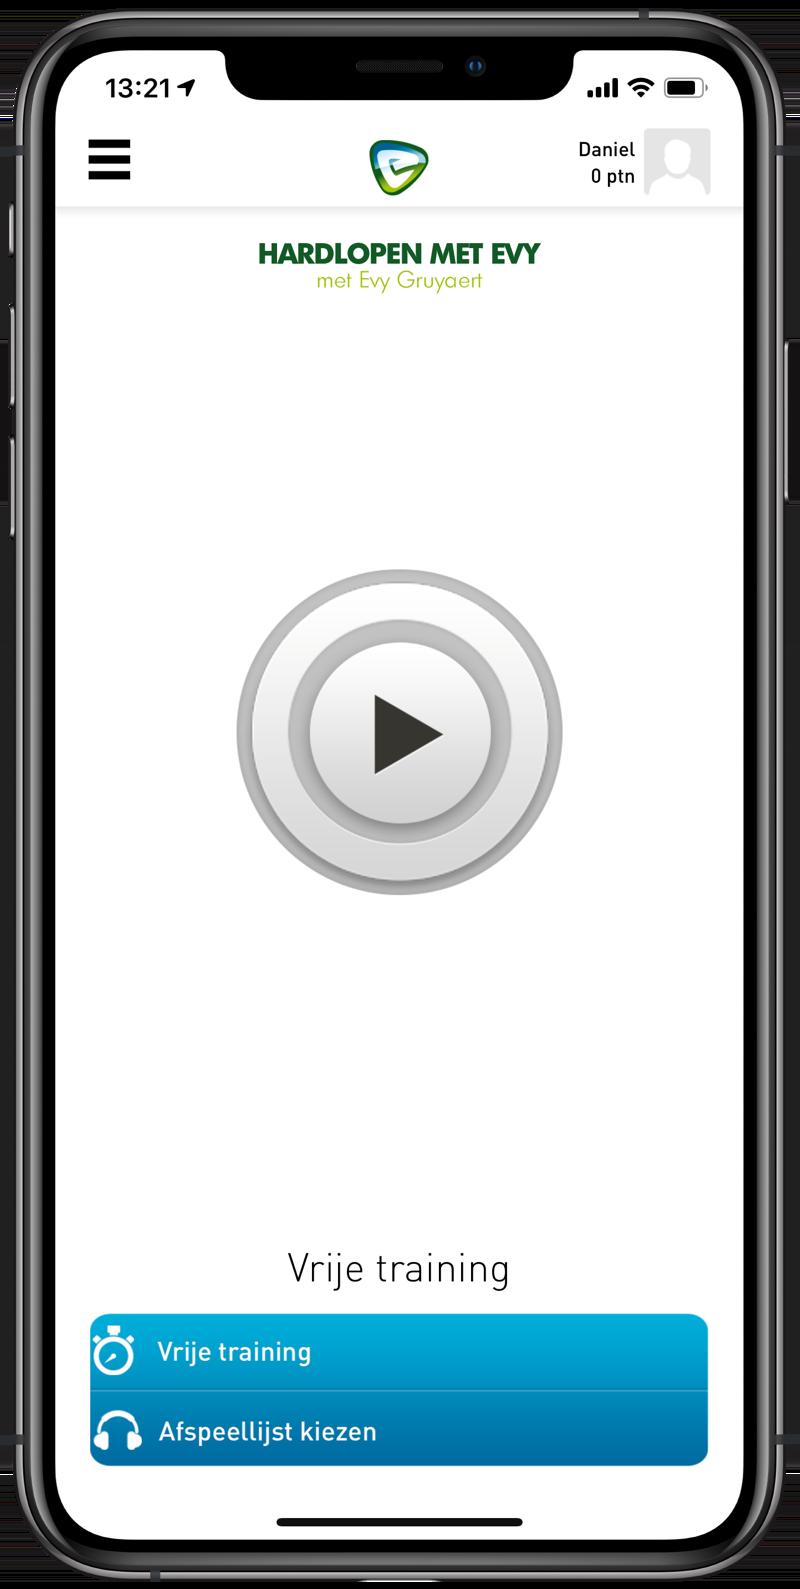 Hardlopen met Evy app